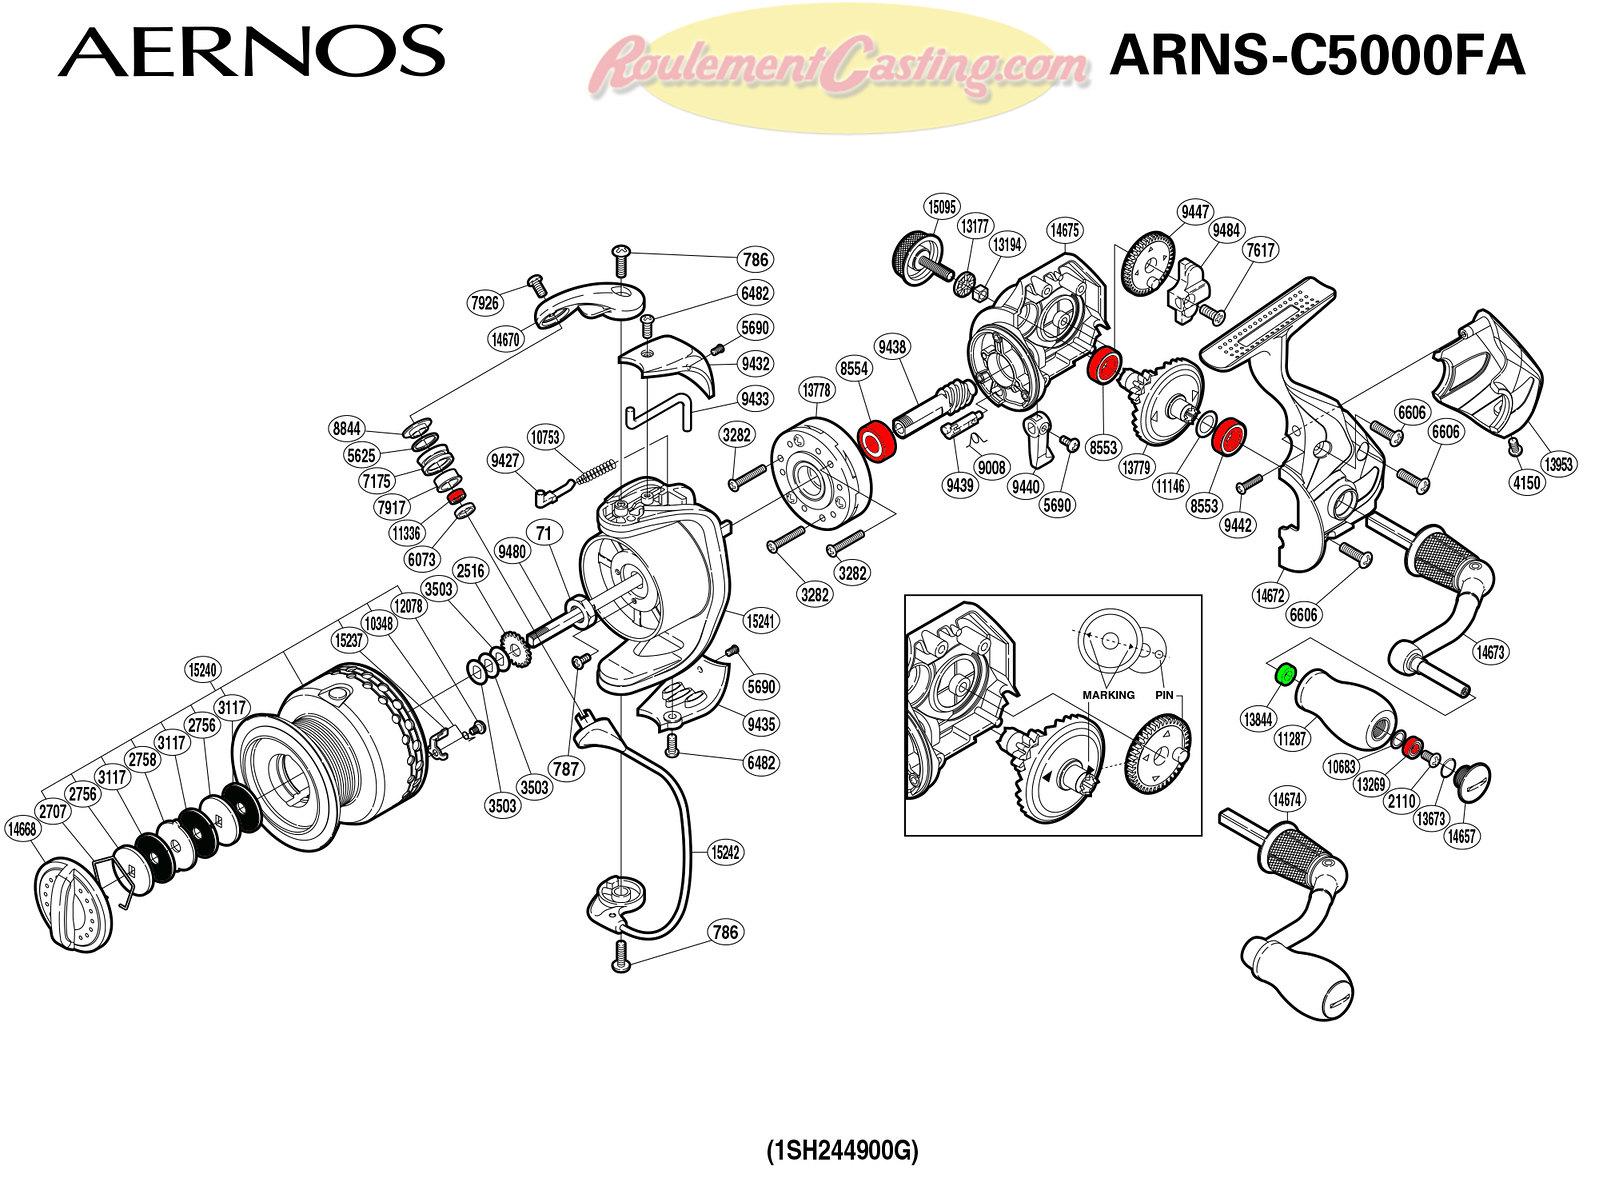 Schema-Shimano-AERNOS-C5000FA